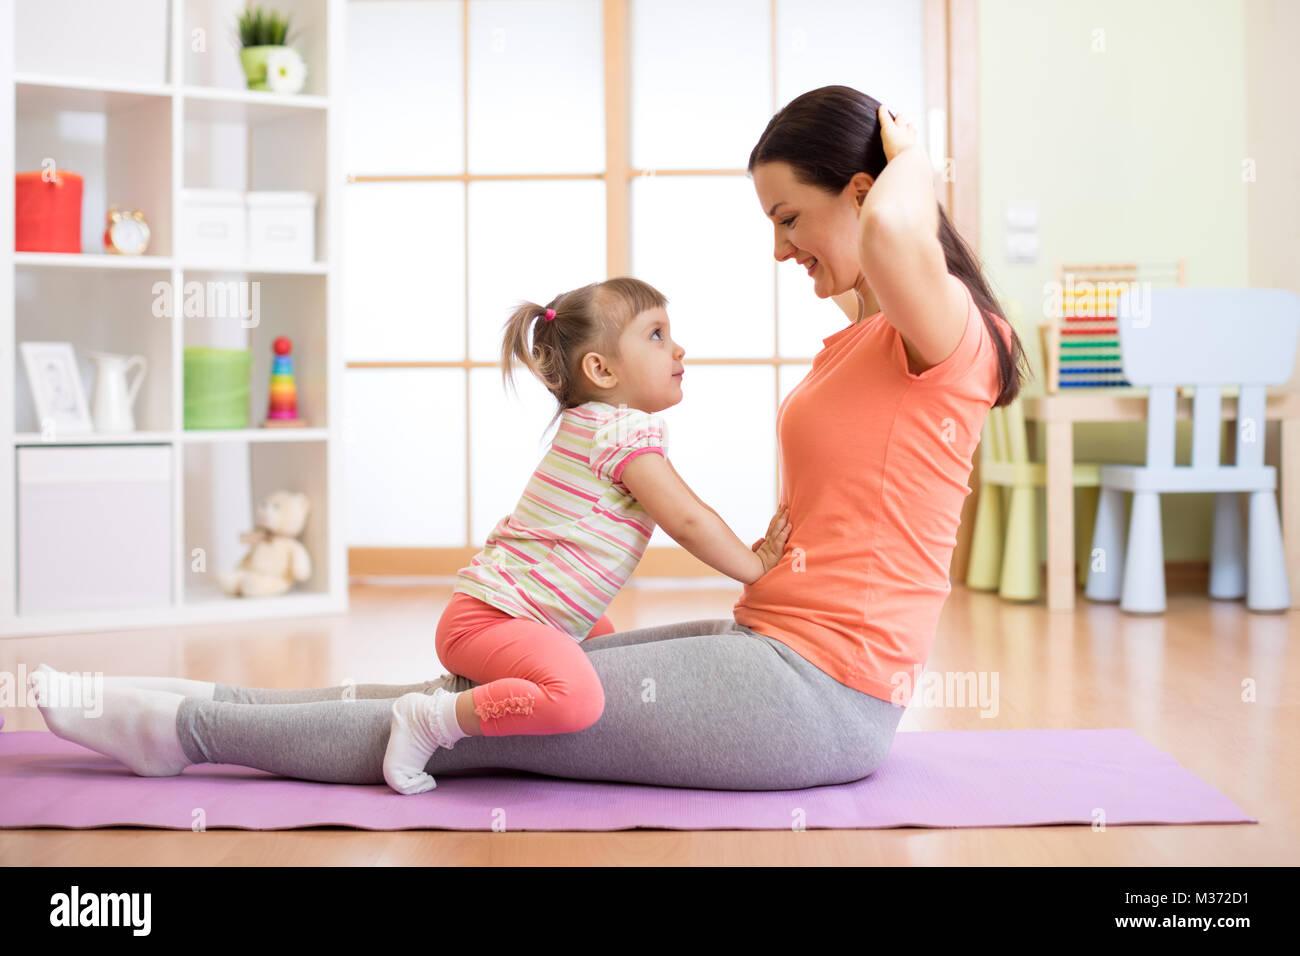 Mamma e Bambino facendo esercizi di fitness sul tappetino a casa Immagini Stock